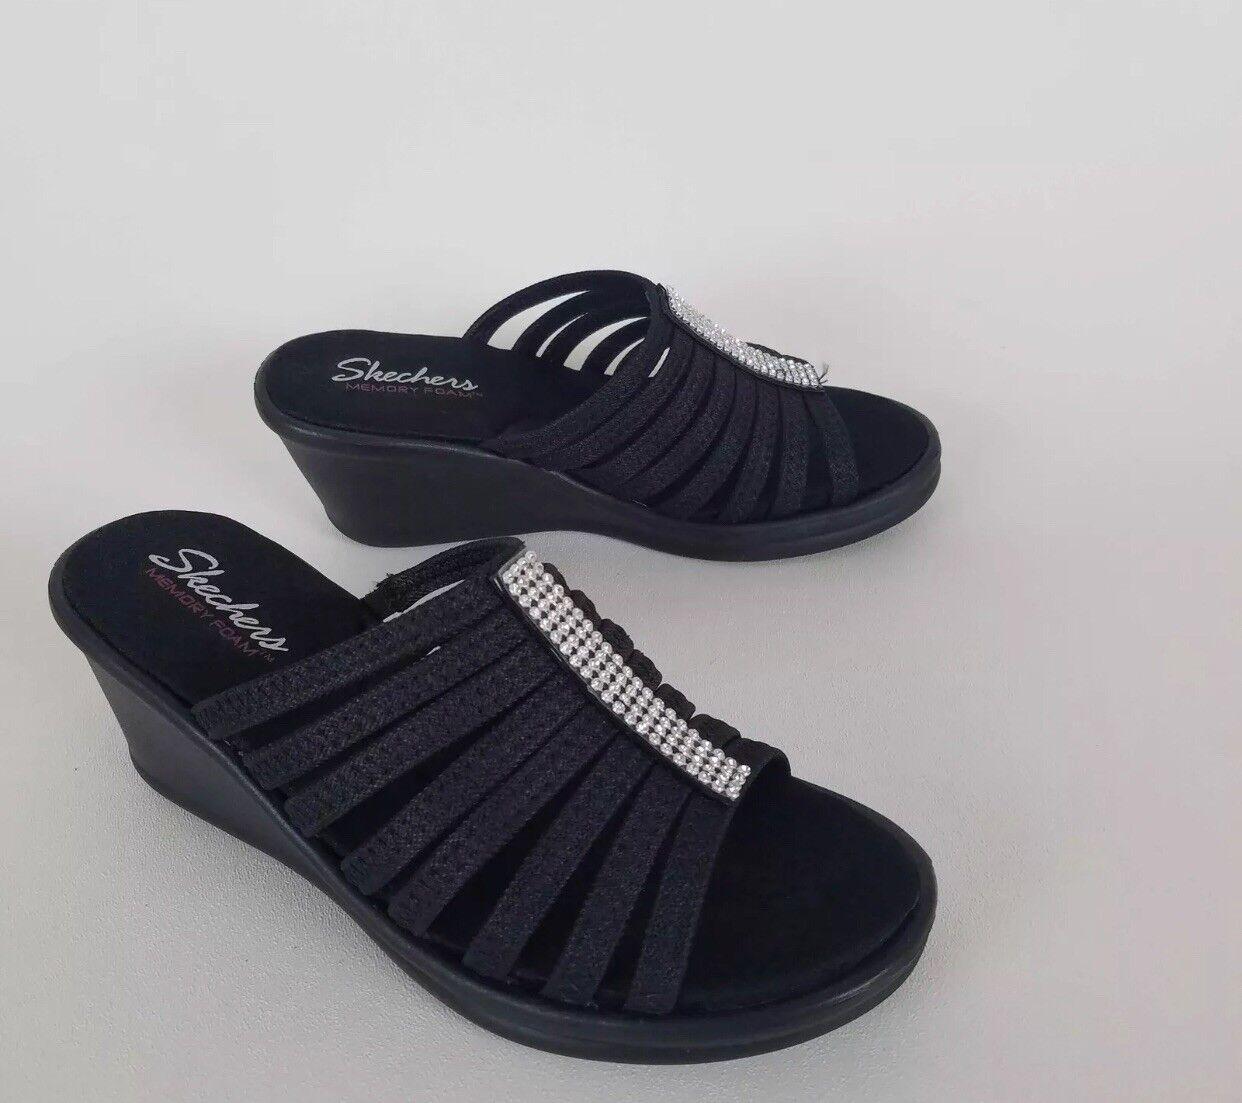 41b80846bc2 Womens Skechers 38562 Rumblers Hotshot Rhinestone Wedge Platform Sandals  Slides Black 11 for sale online